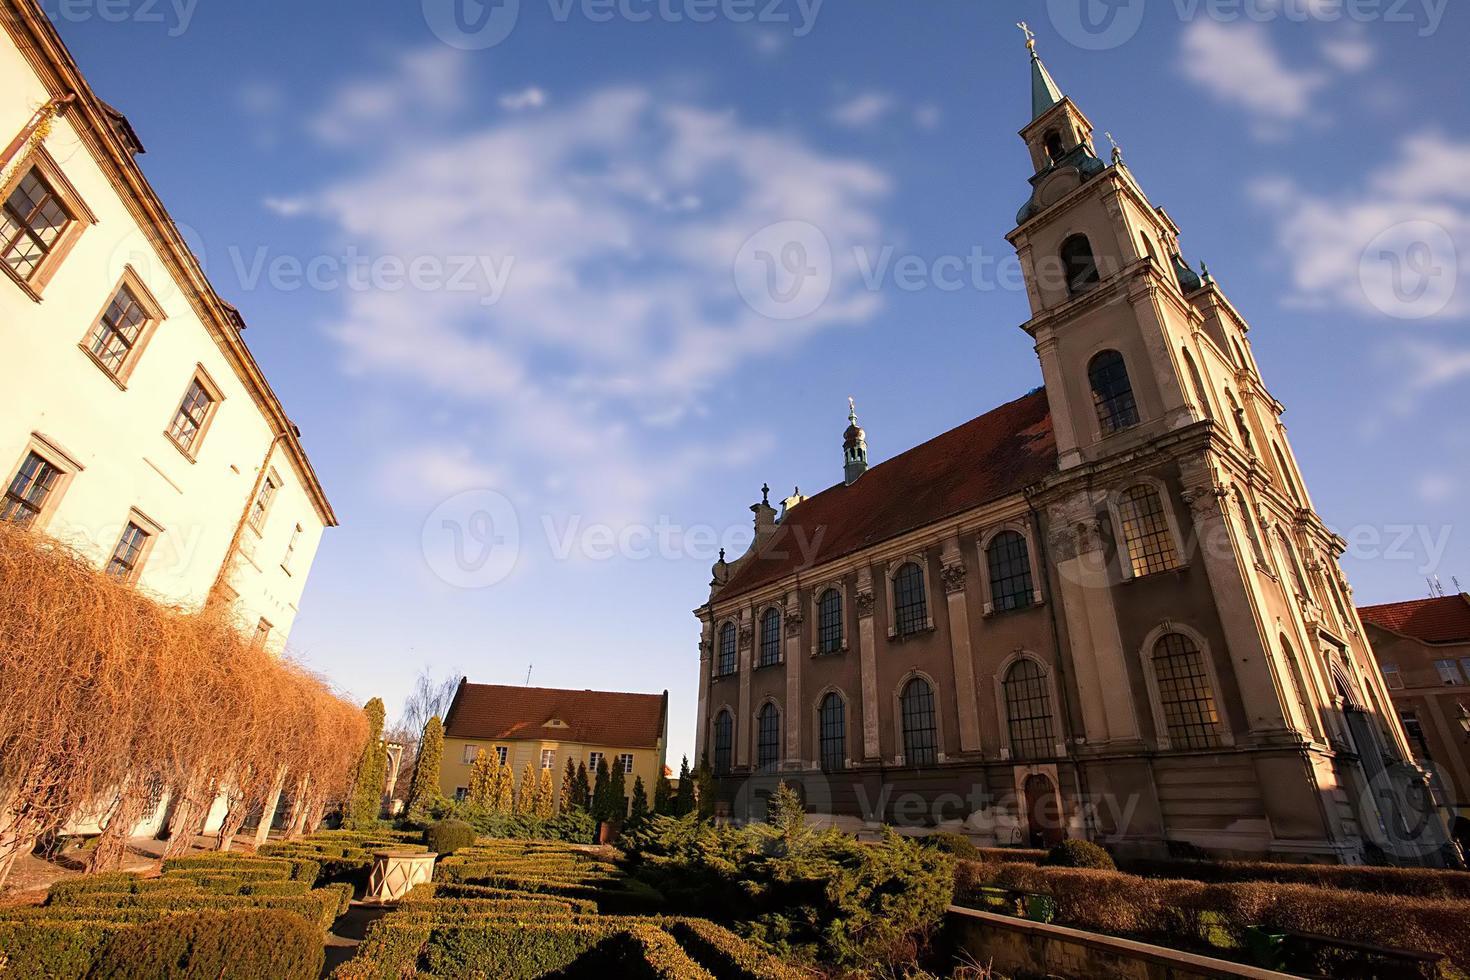 prachtige monumenten in de buurt van wroclaw, polen foto